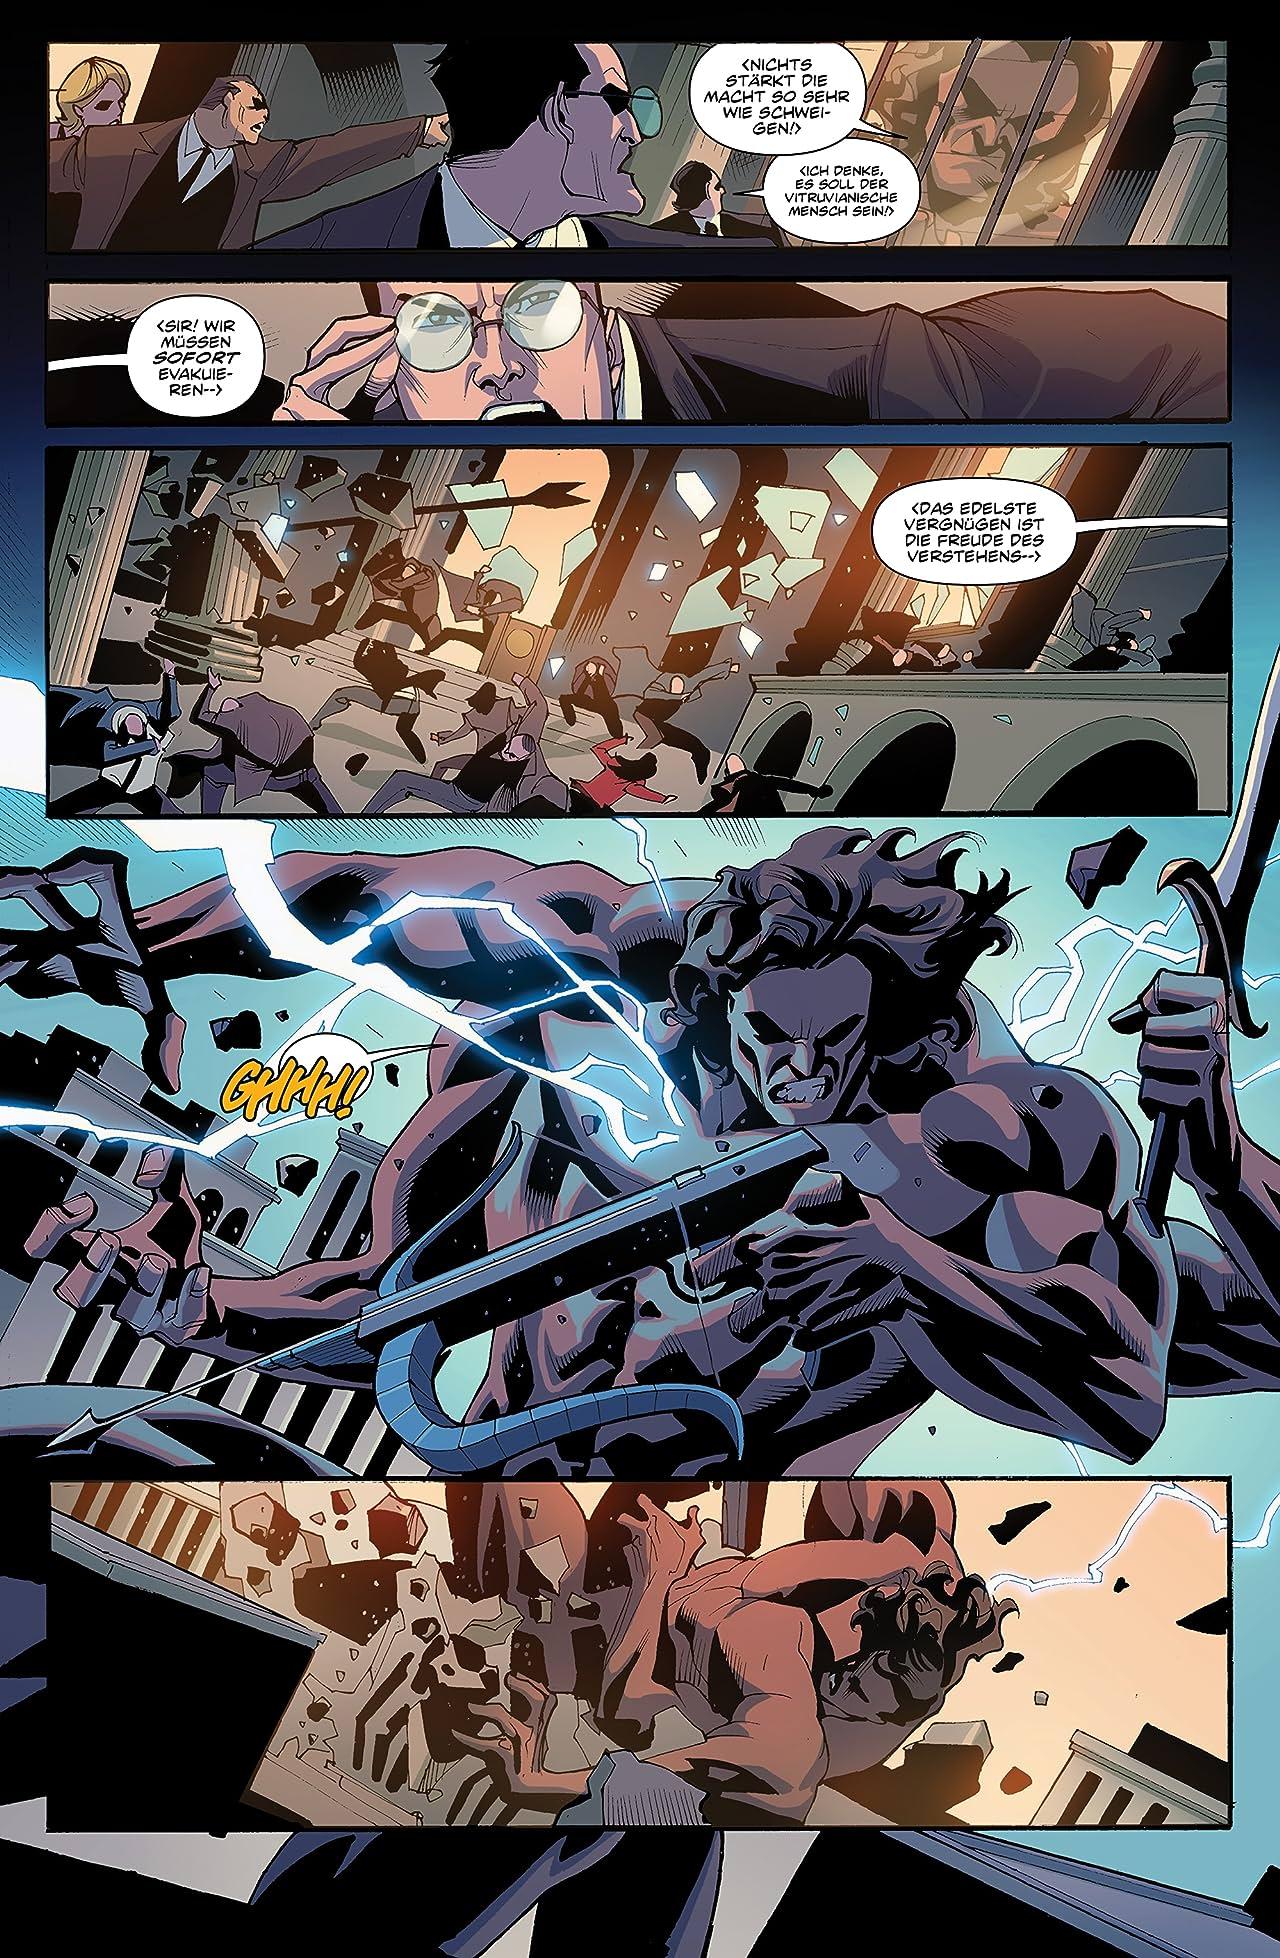 Mighty Morphin Power Rangers Vol. 2: Die Stunde von Black Dragon